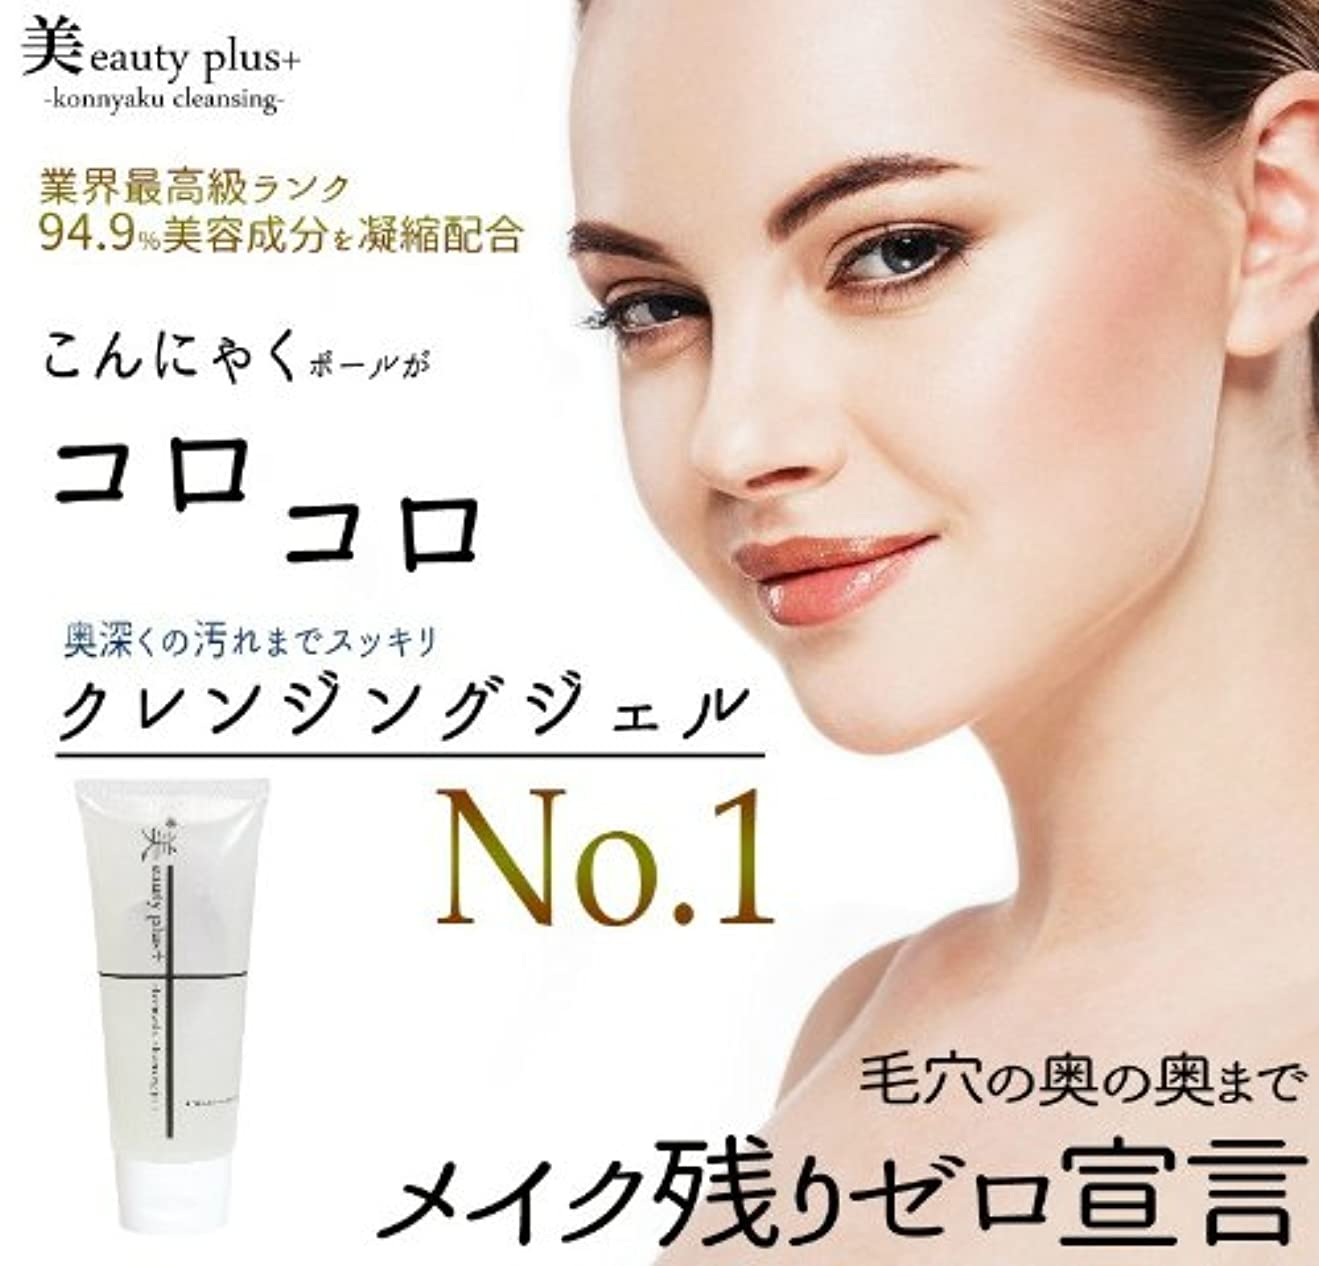 限定ケーブル別の美eauty Plus+ Konnyaku Cleansing Jel